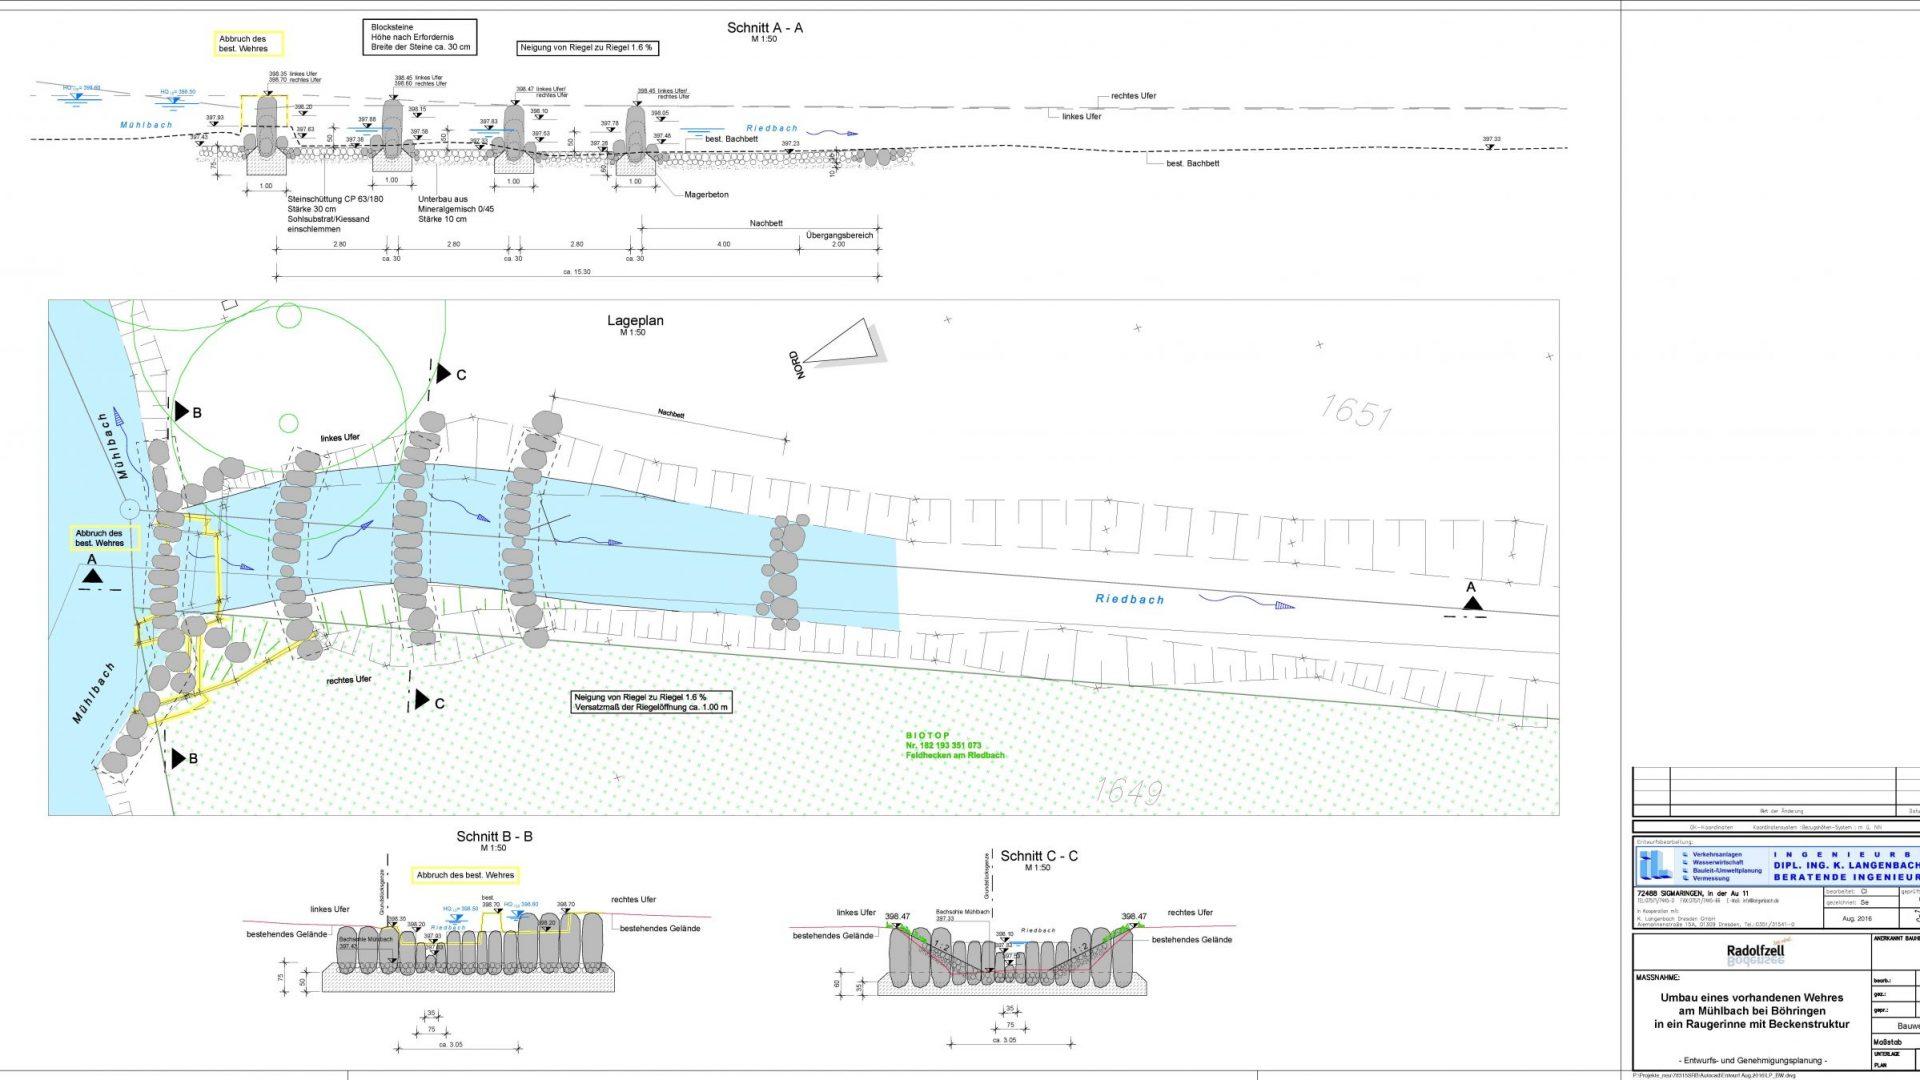 Umbau eines Wehres am Mühlbach bei Böhringen in einem Raugerinne mit Beckenstruktur